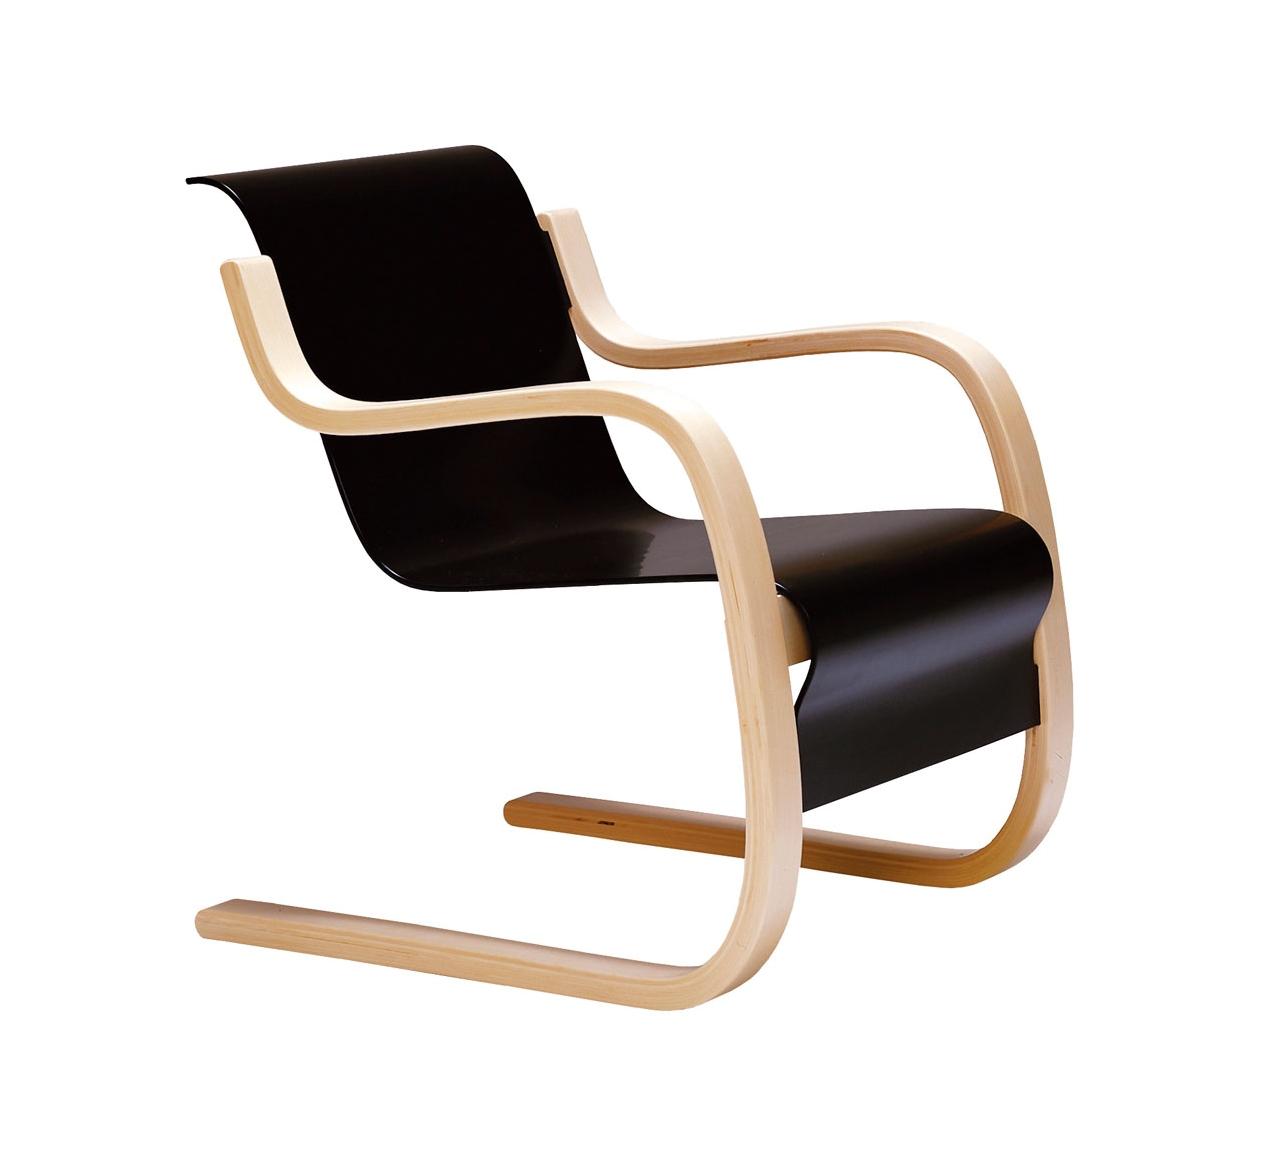 La madera como objeto de dise o the popular design for Objetos de decoracion de diseno